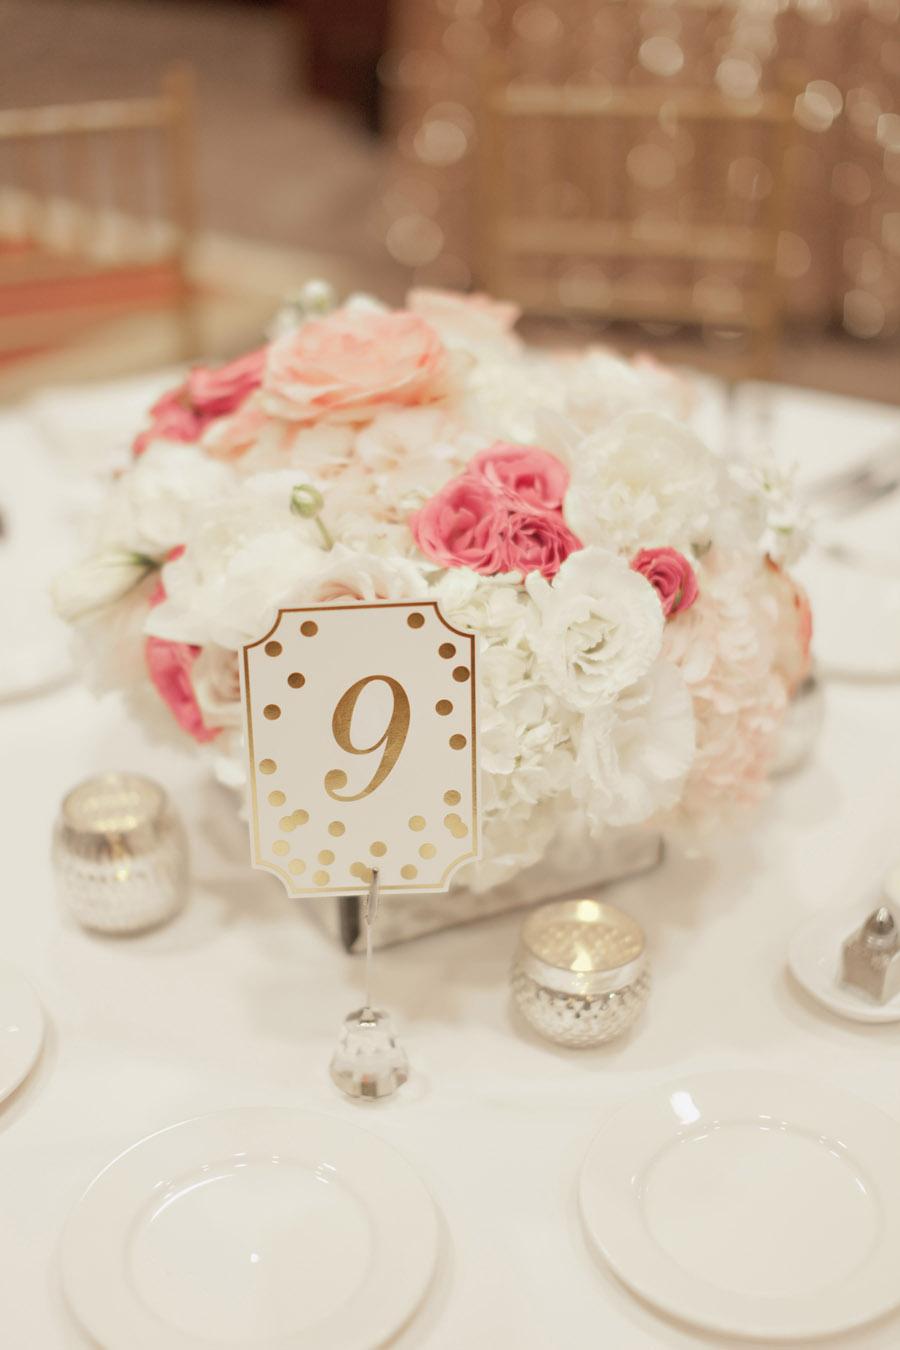 074-Thanksgiving-Tower-Club-Dallas-Wedding-by-Ivy-Weddings-swank-Soiree-Dallas-wedding- planner.jpg